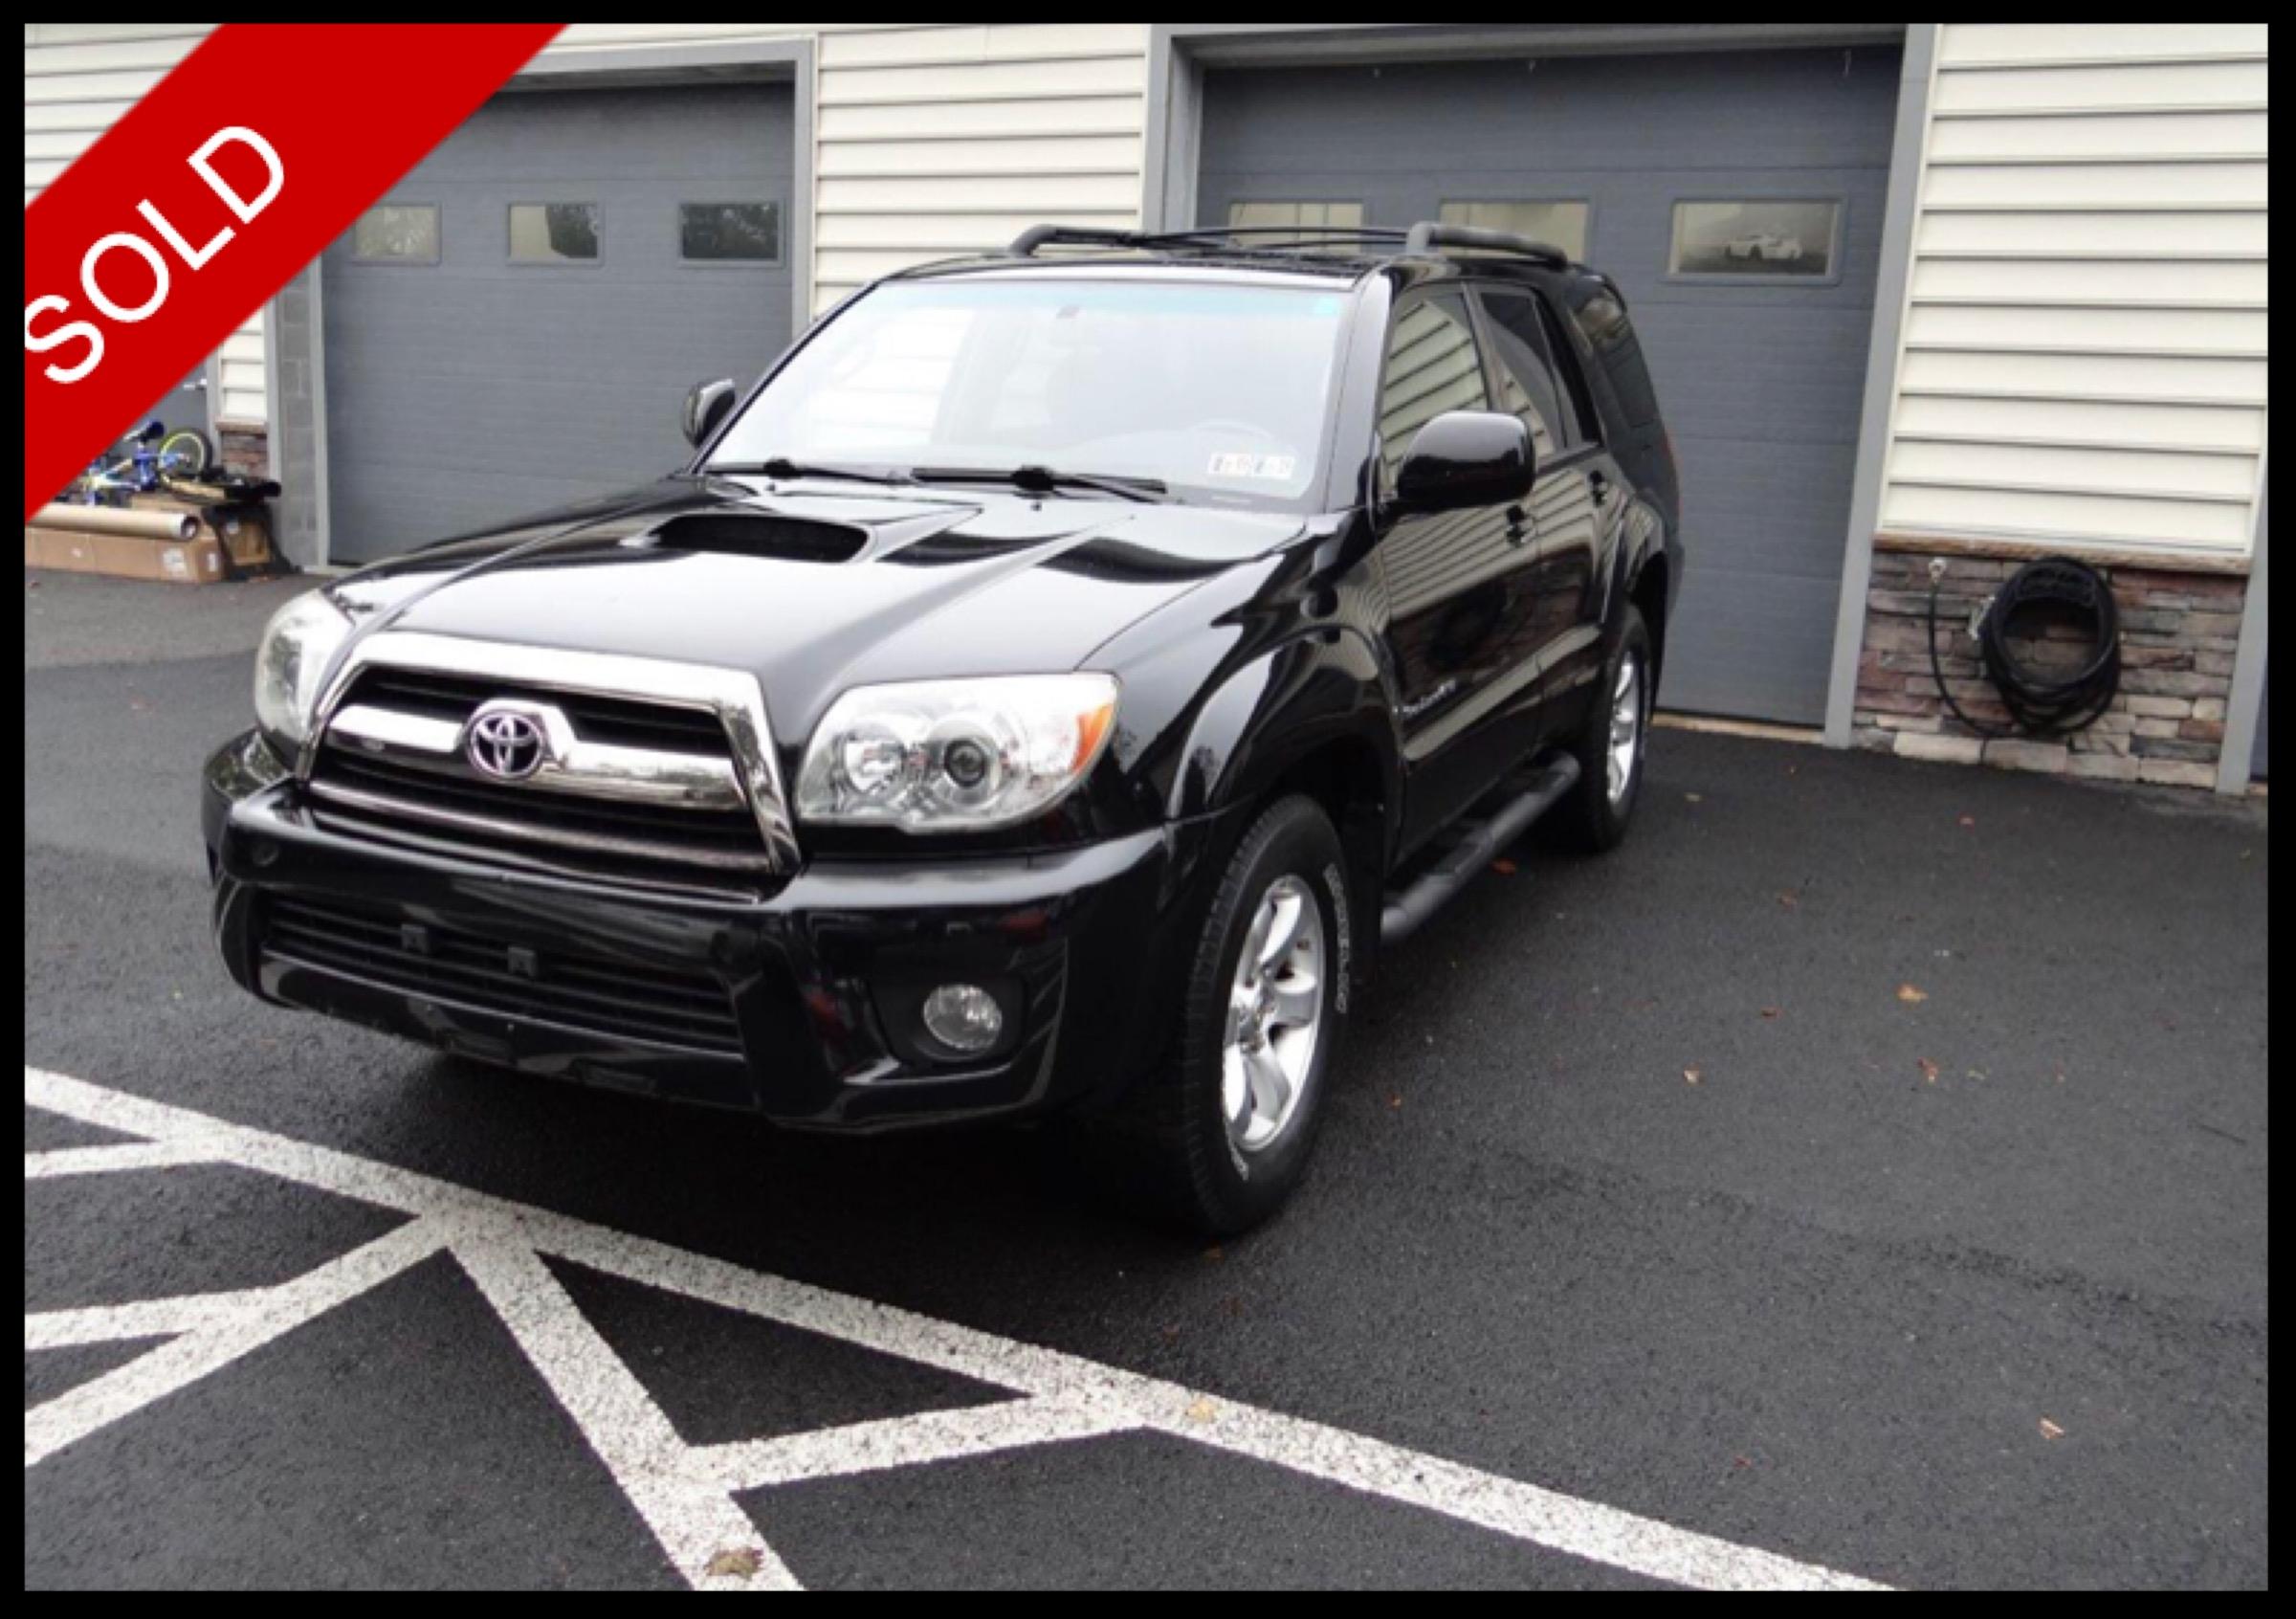 SOLD - 2007 Toyota 4Runner SportBlack on BlackVIN: JTEBU14R478083175